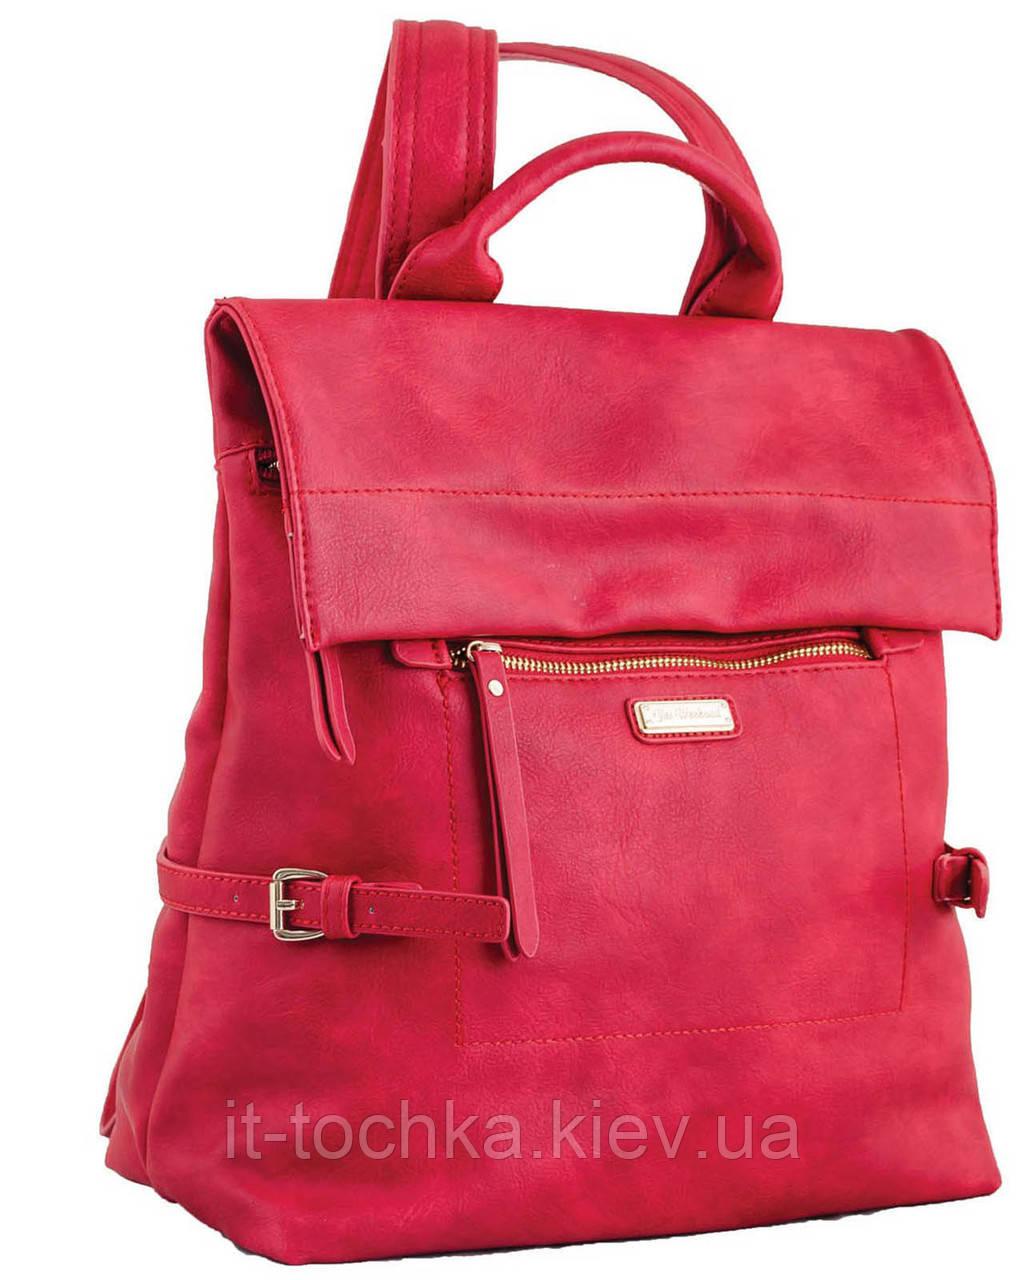 Сумка-рюкзак  yes, красный , 29*33*15см yes weekend 553225